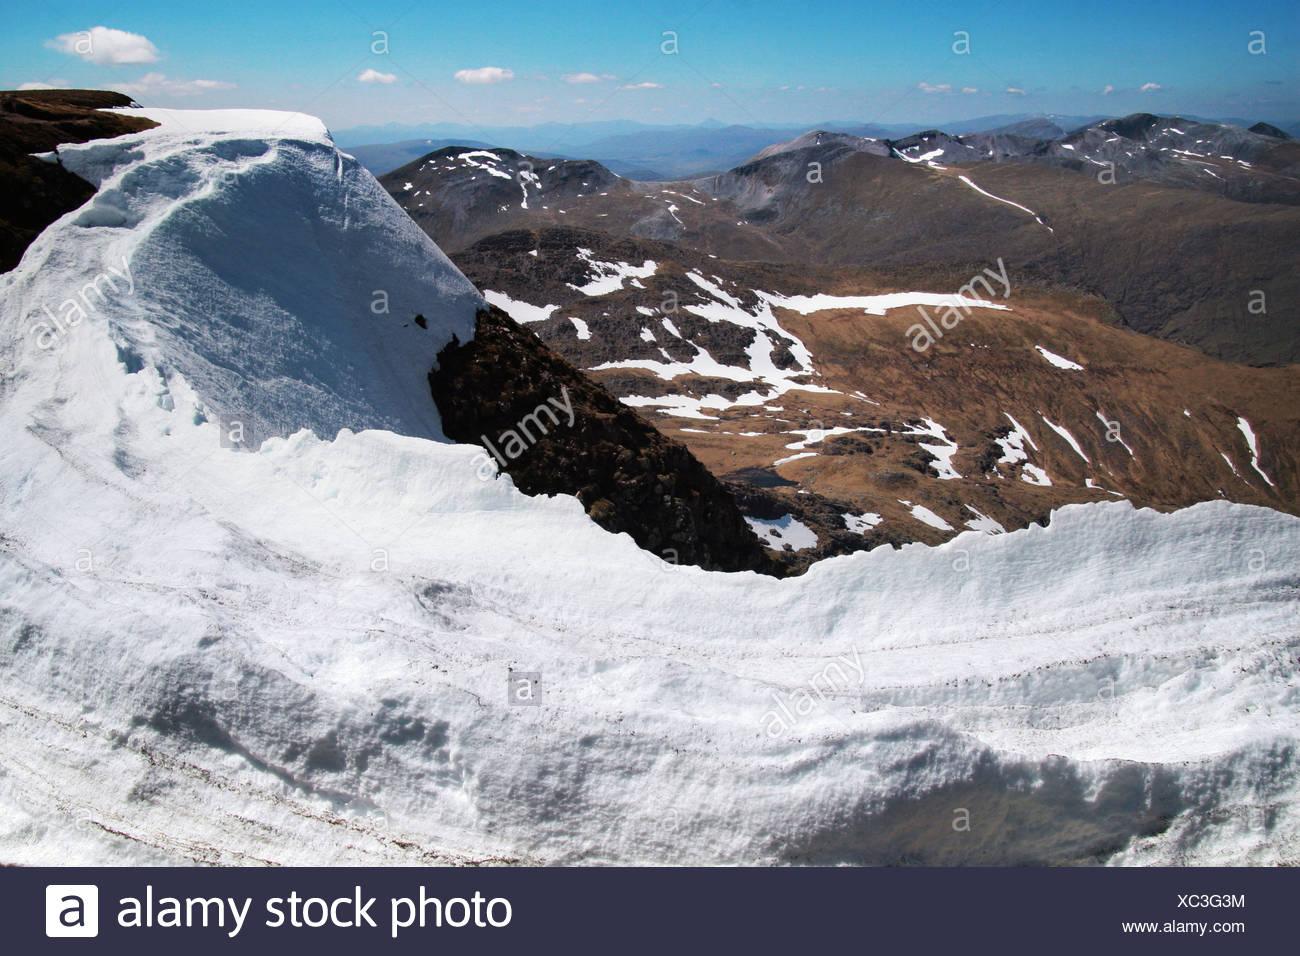 Mountain Top Scotland Stock Photos & Mountain Top Scotland